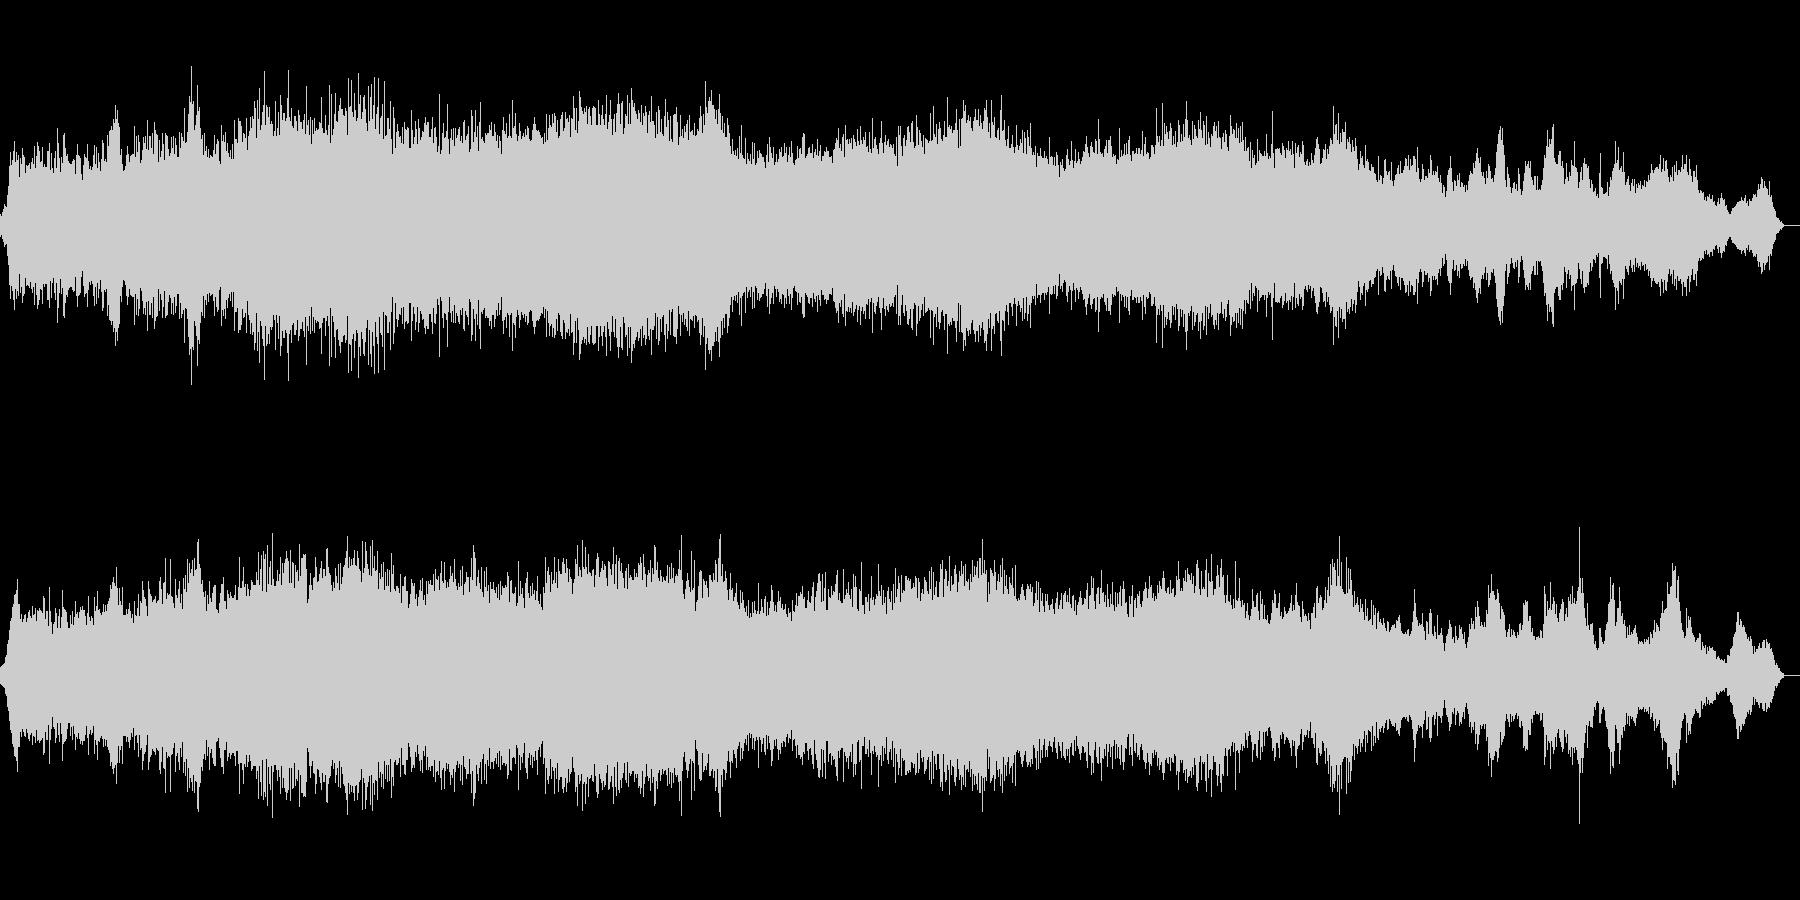 ダークなホラードローンの未再生の波形